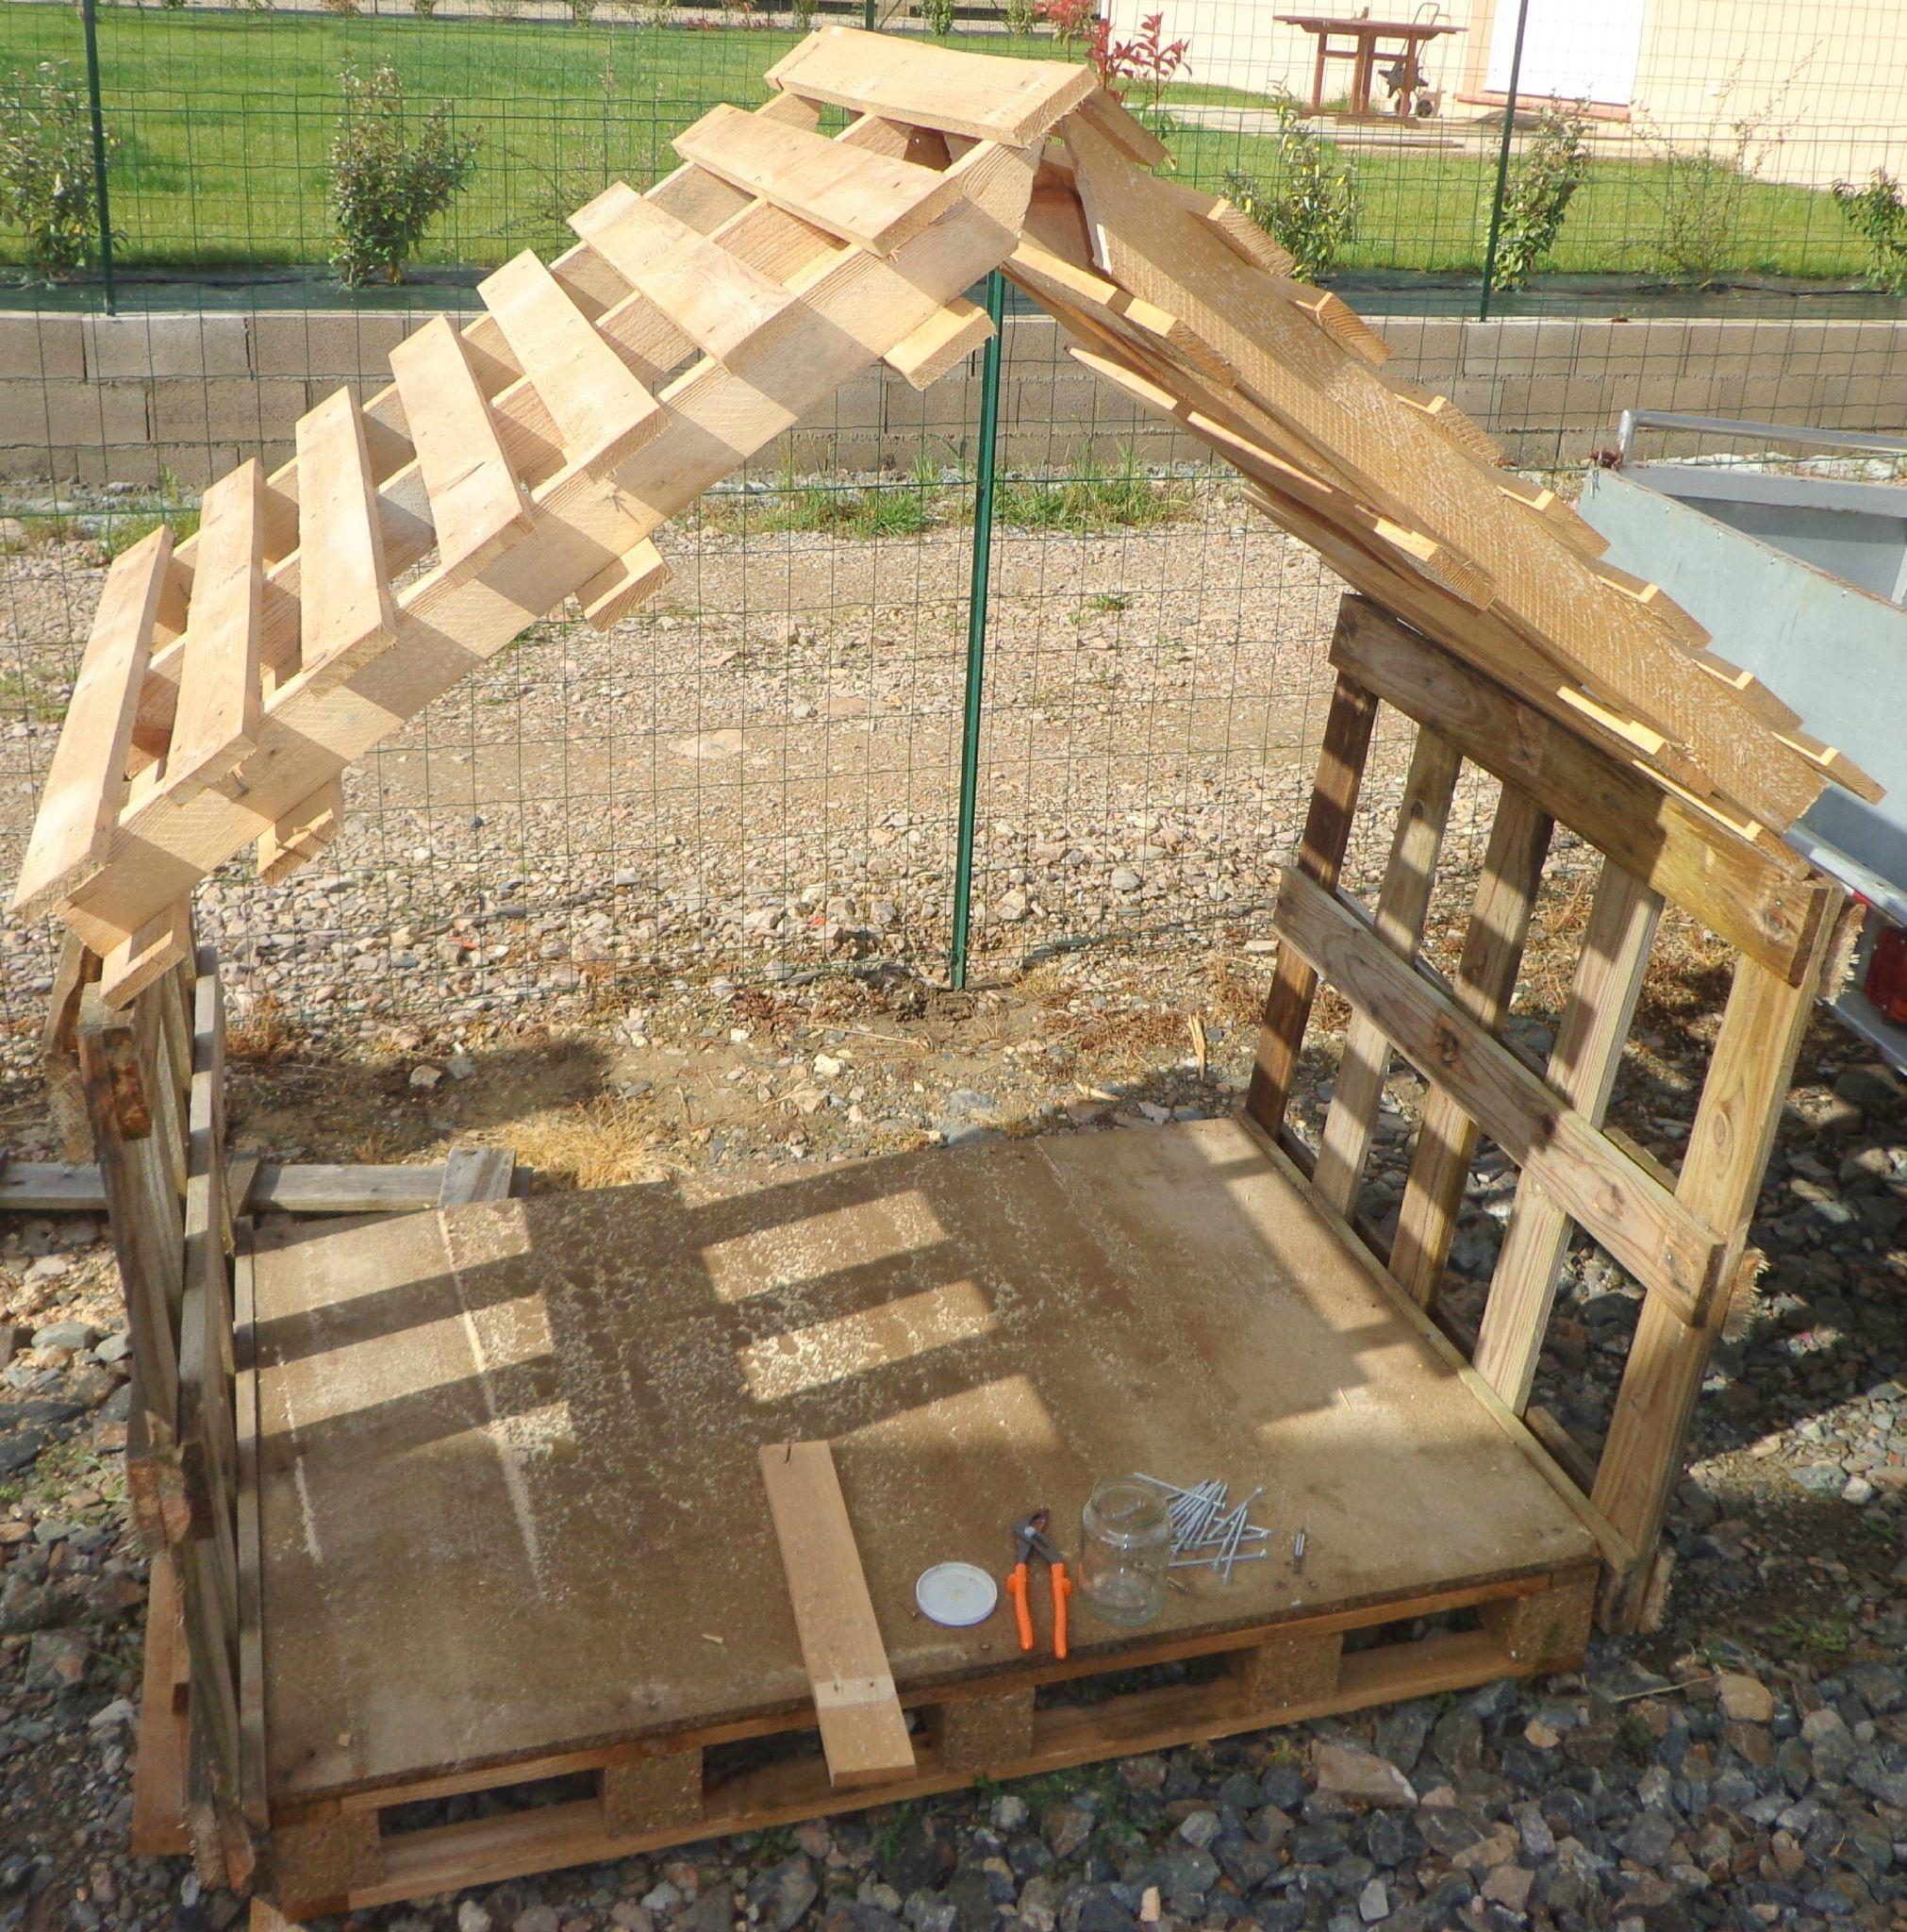 Cabane Enfant Ou Abris Chien - Recyclage Et Création ... encequiconcerne Cabane De Jardin Enfant Pas Cher